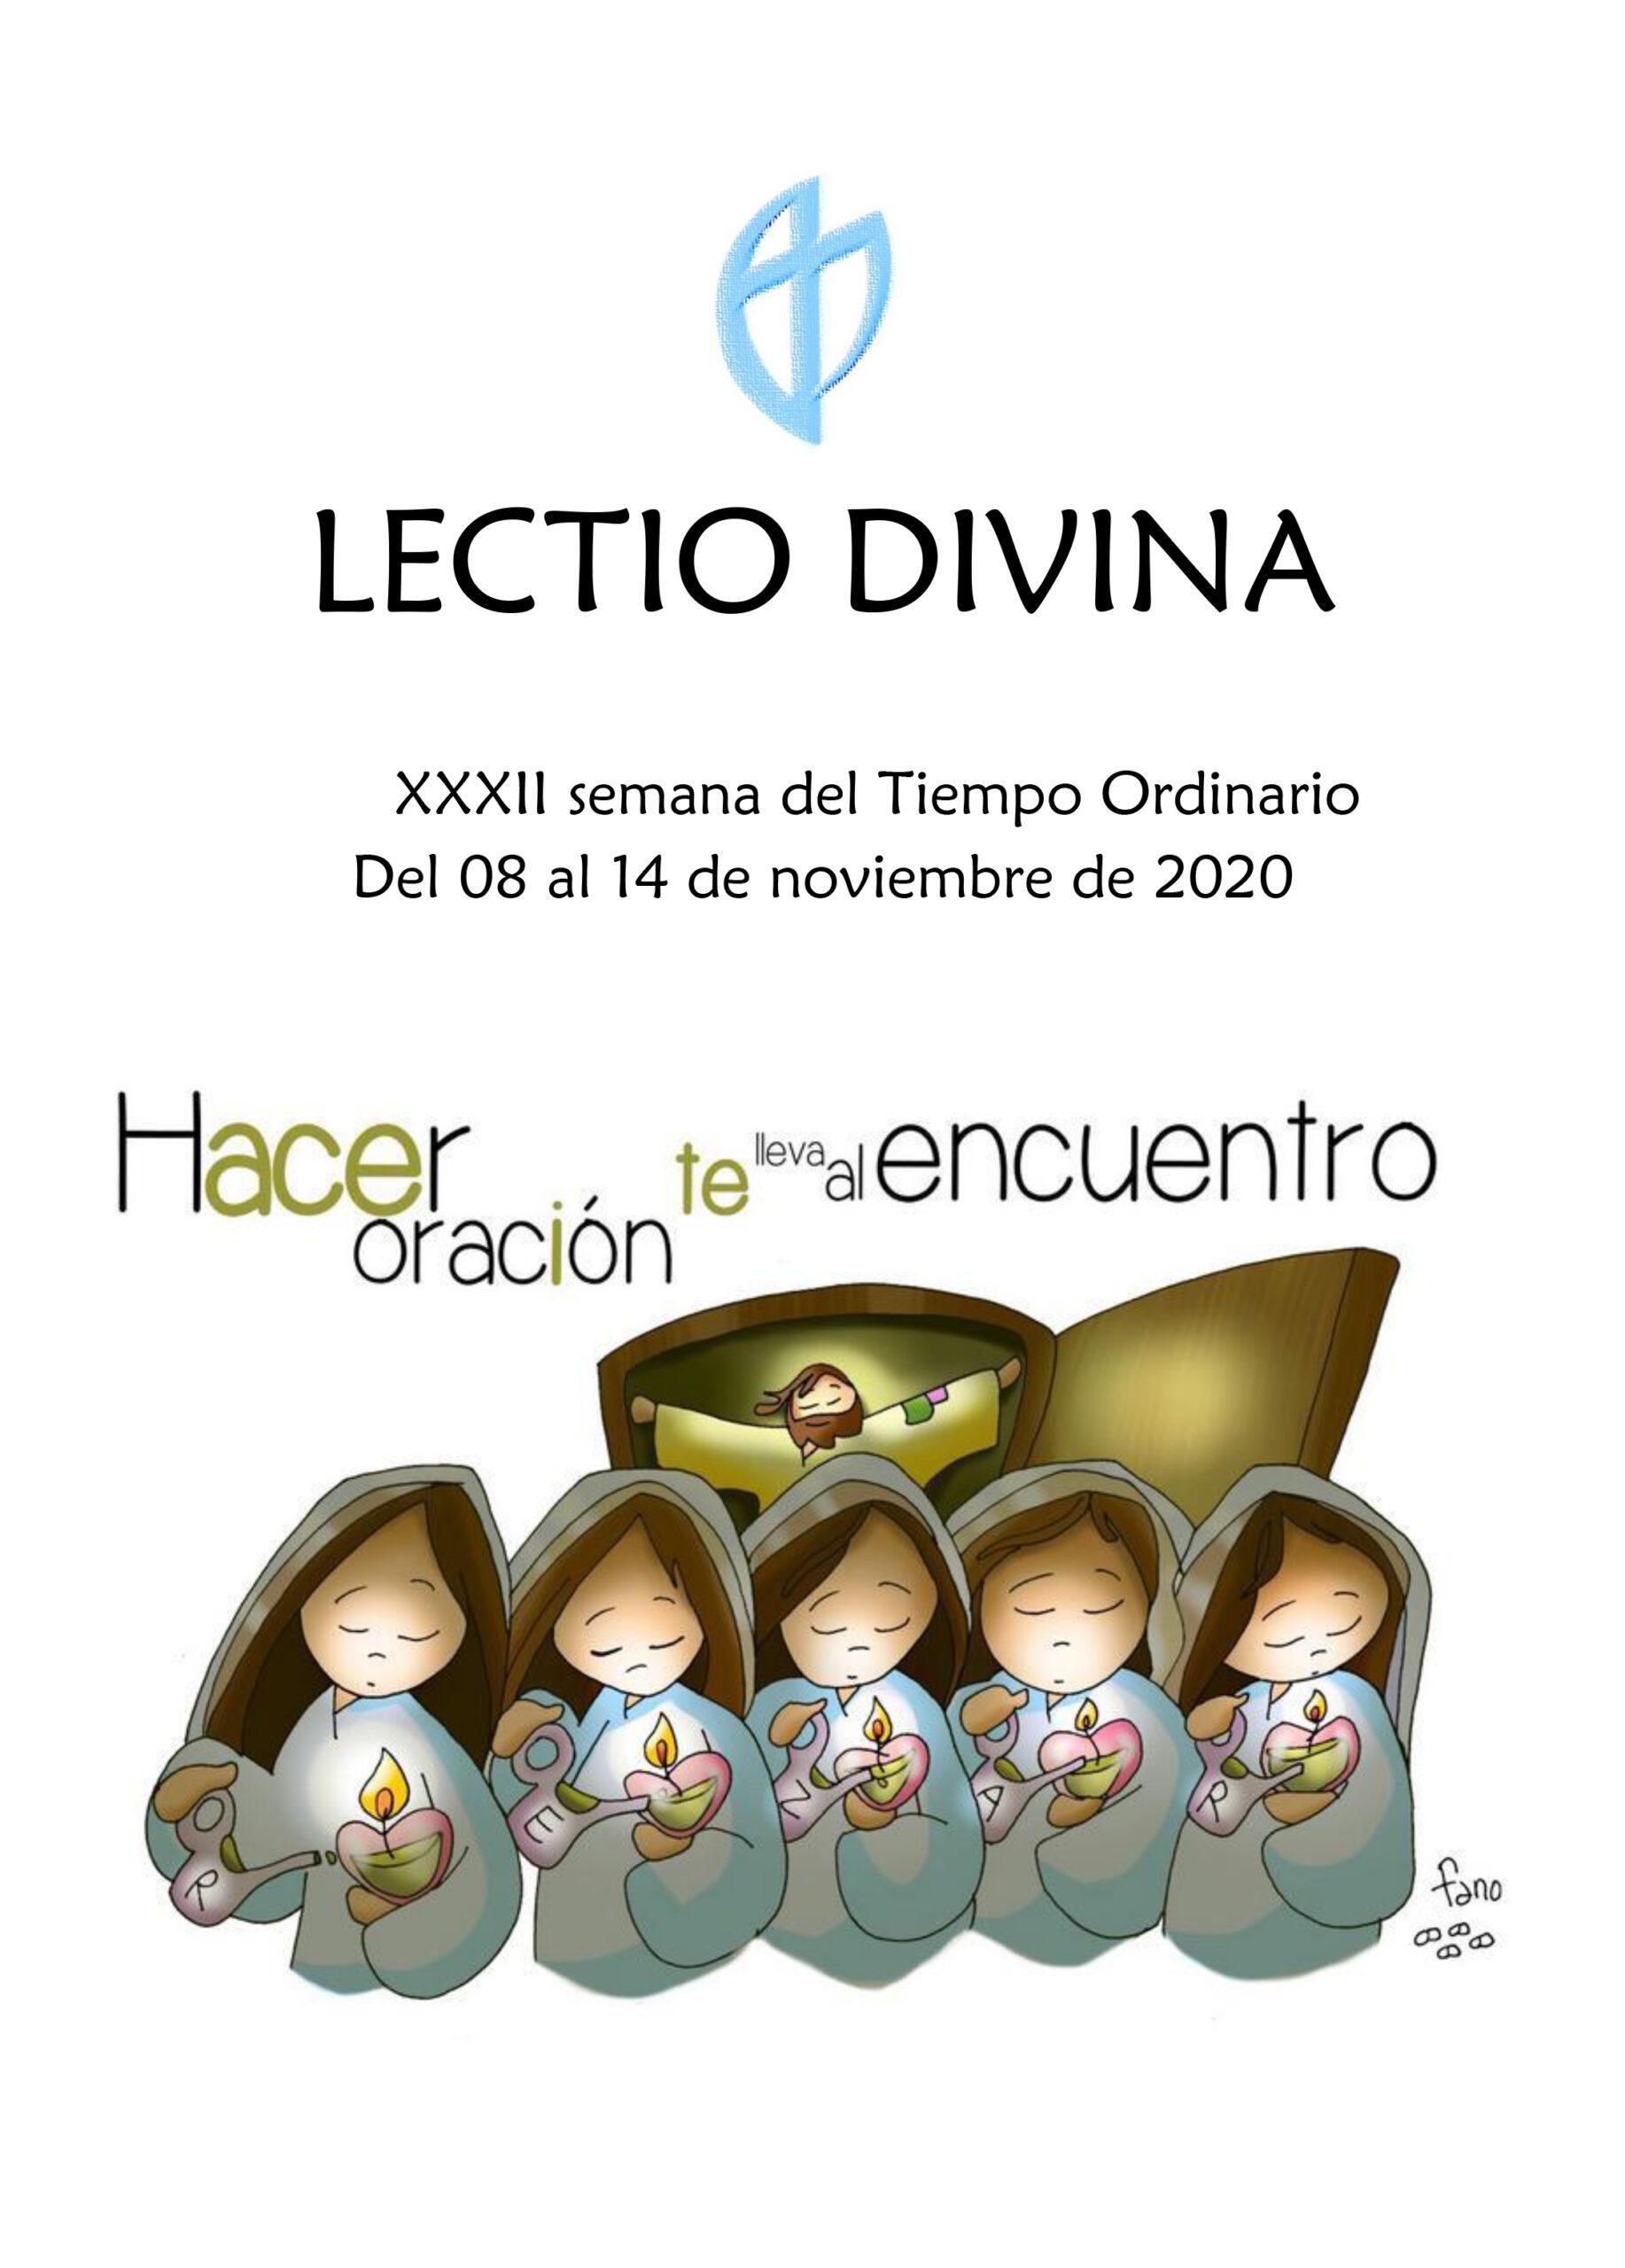 XXXII Semana del Tiempo Ordinario (8 al 14 de Noviembre de 2020)